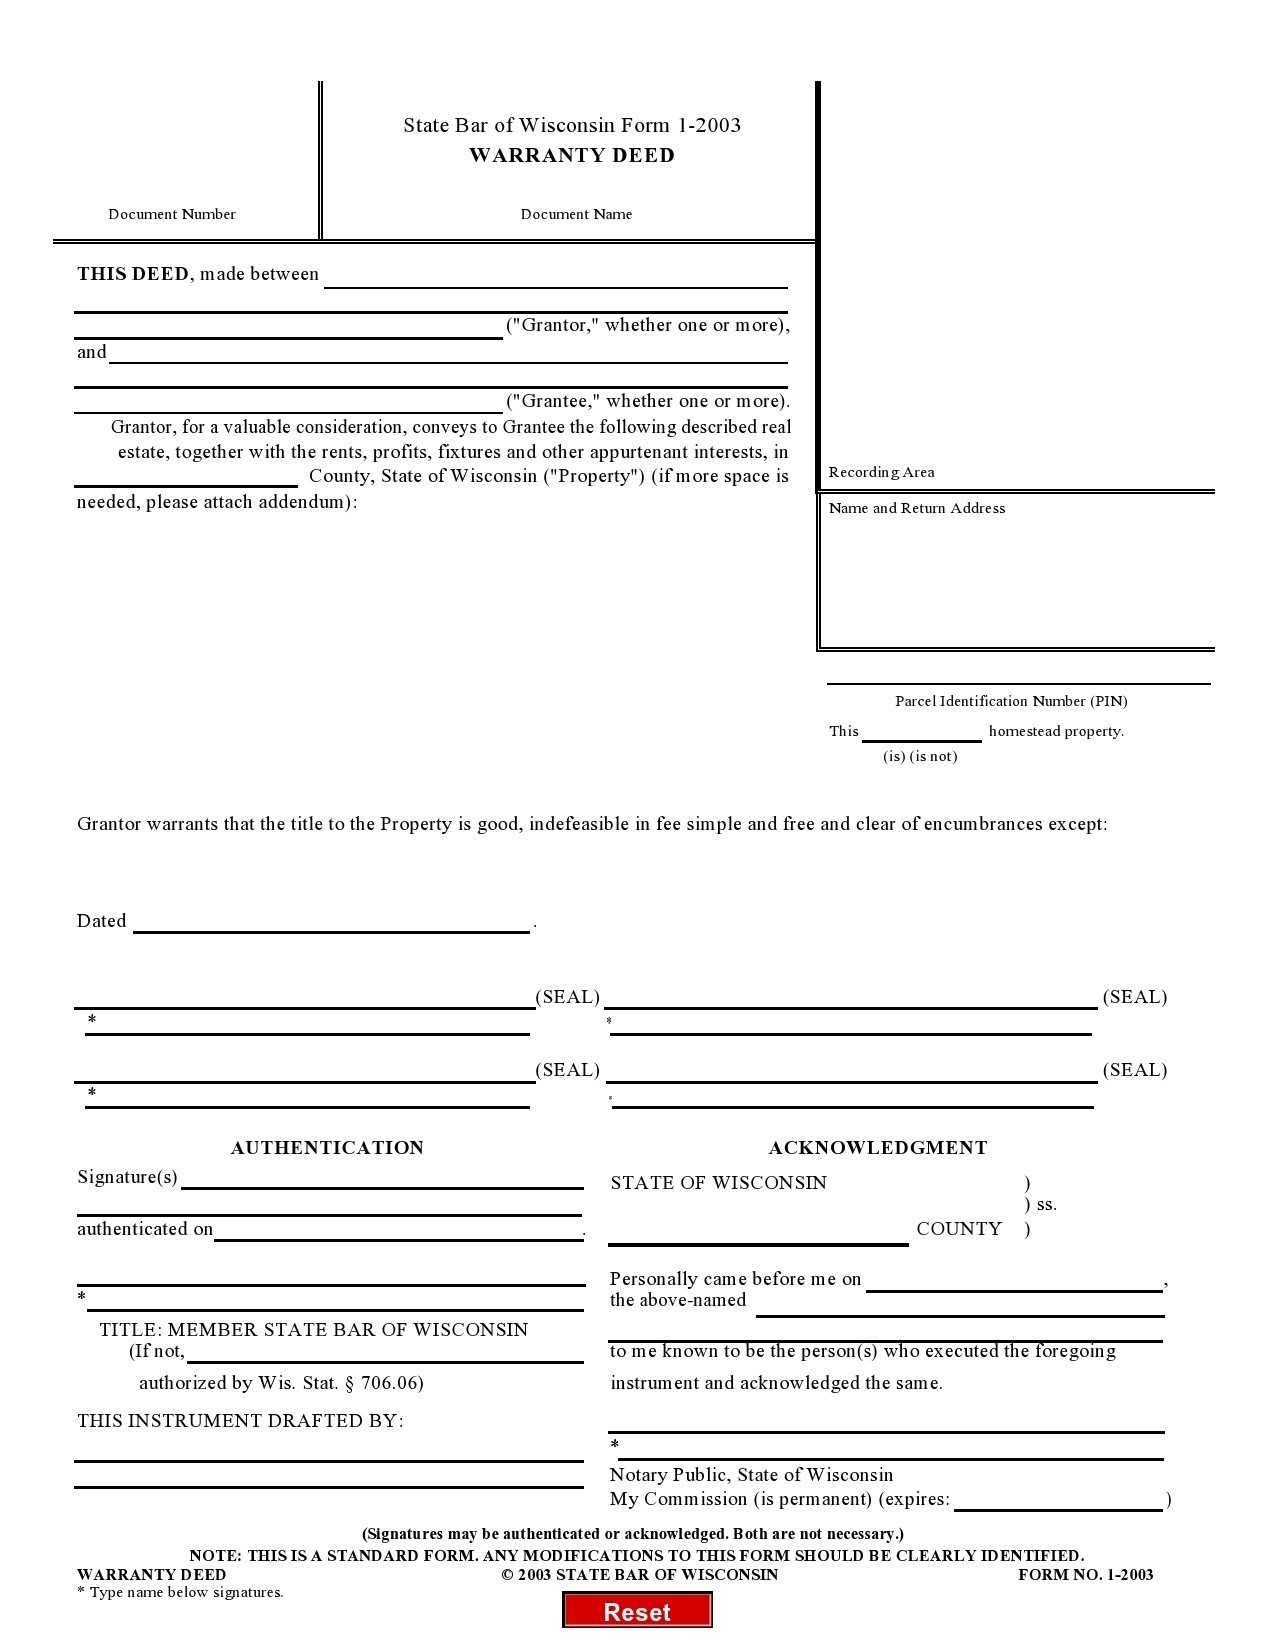 Free warranty deed form 06